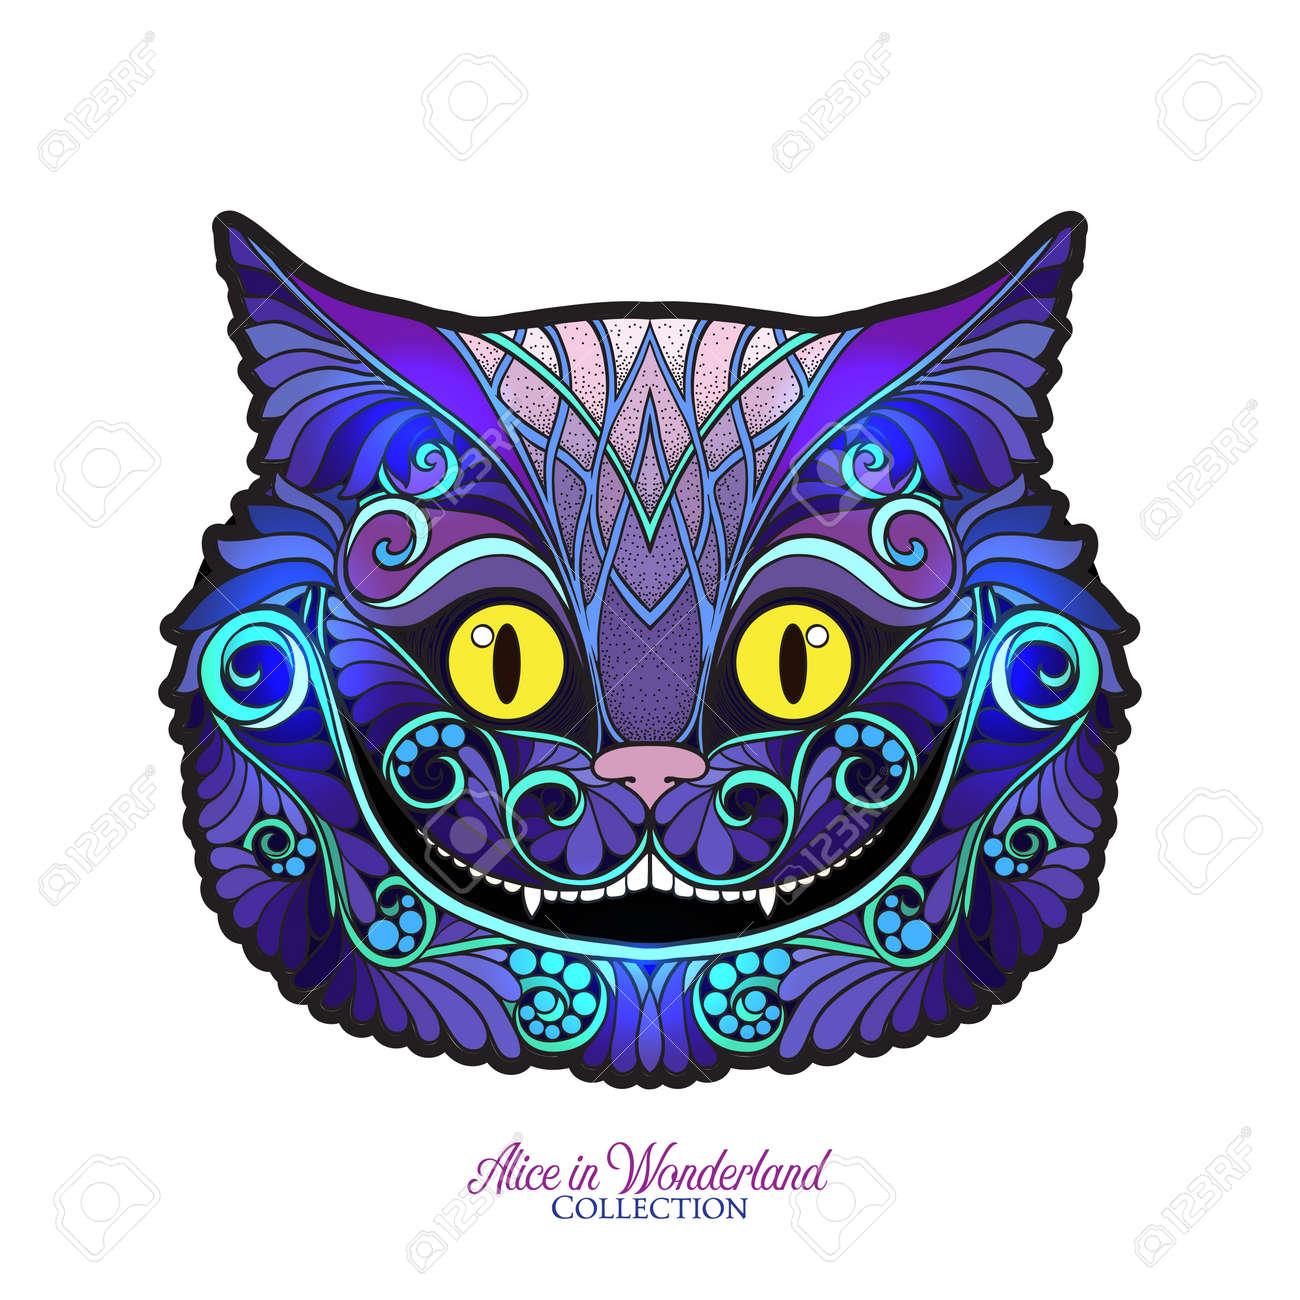 La Tete Du Chat Cheshire Du Conte De Fees Alice A Wonde Clip Art